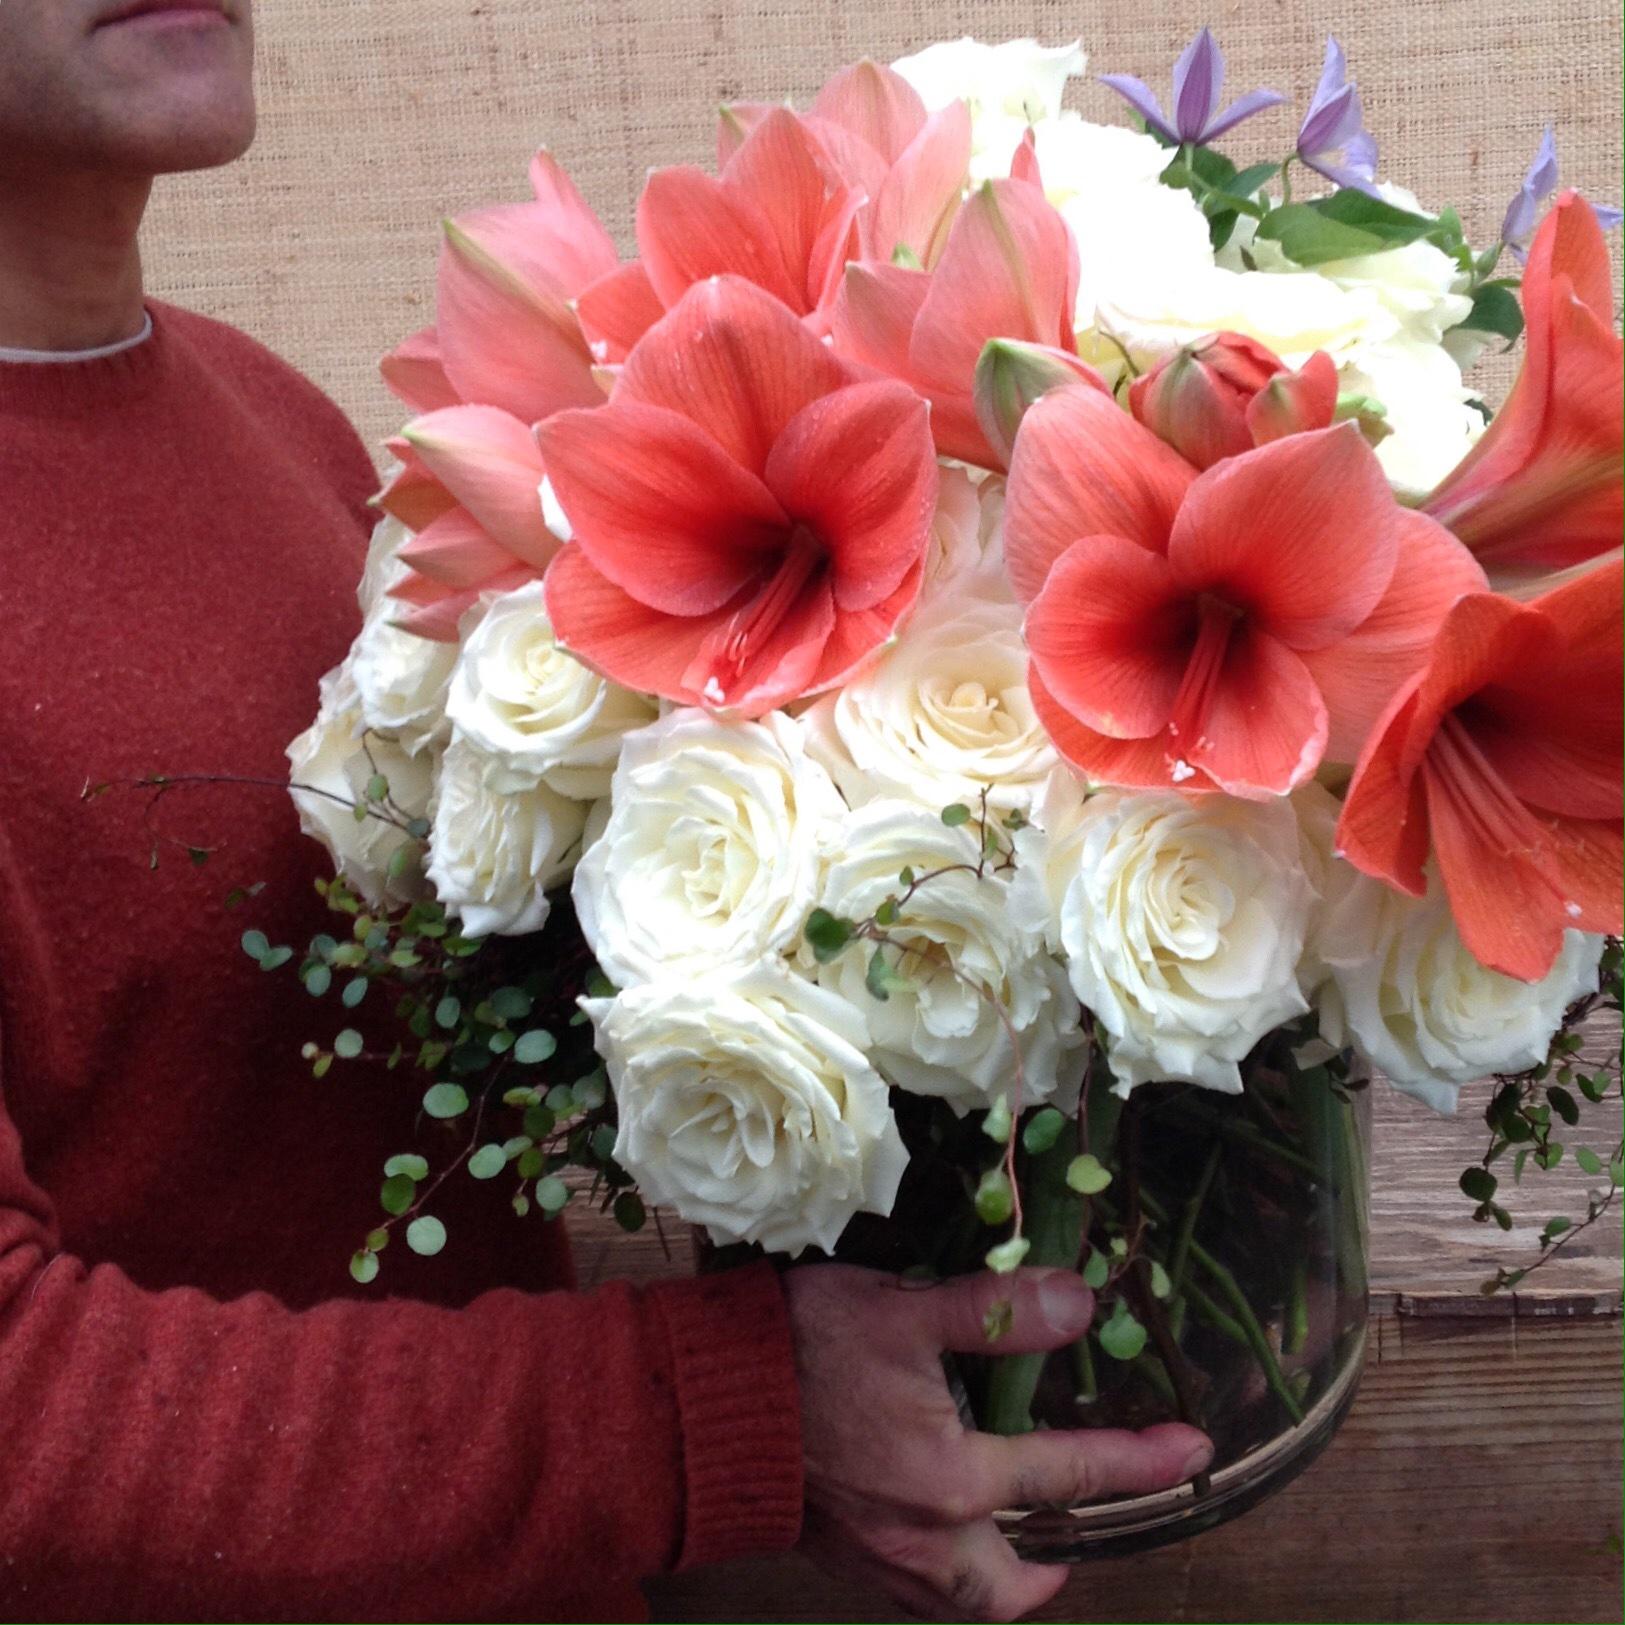 White Roses with Amaryllis